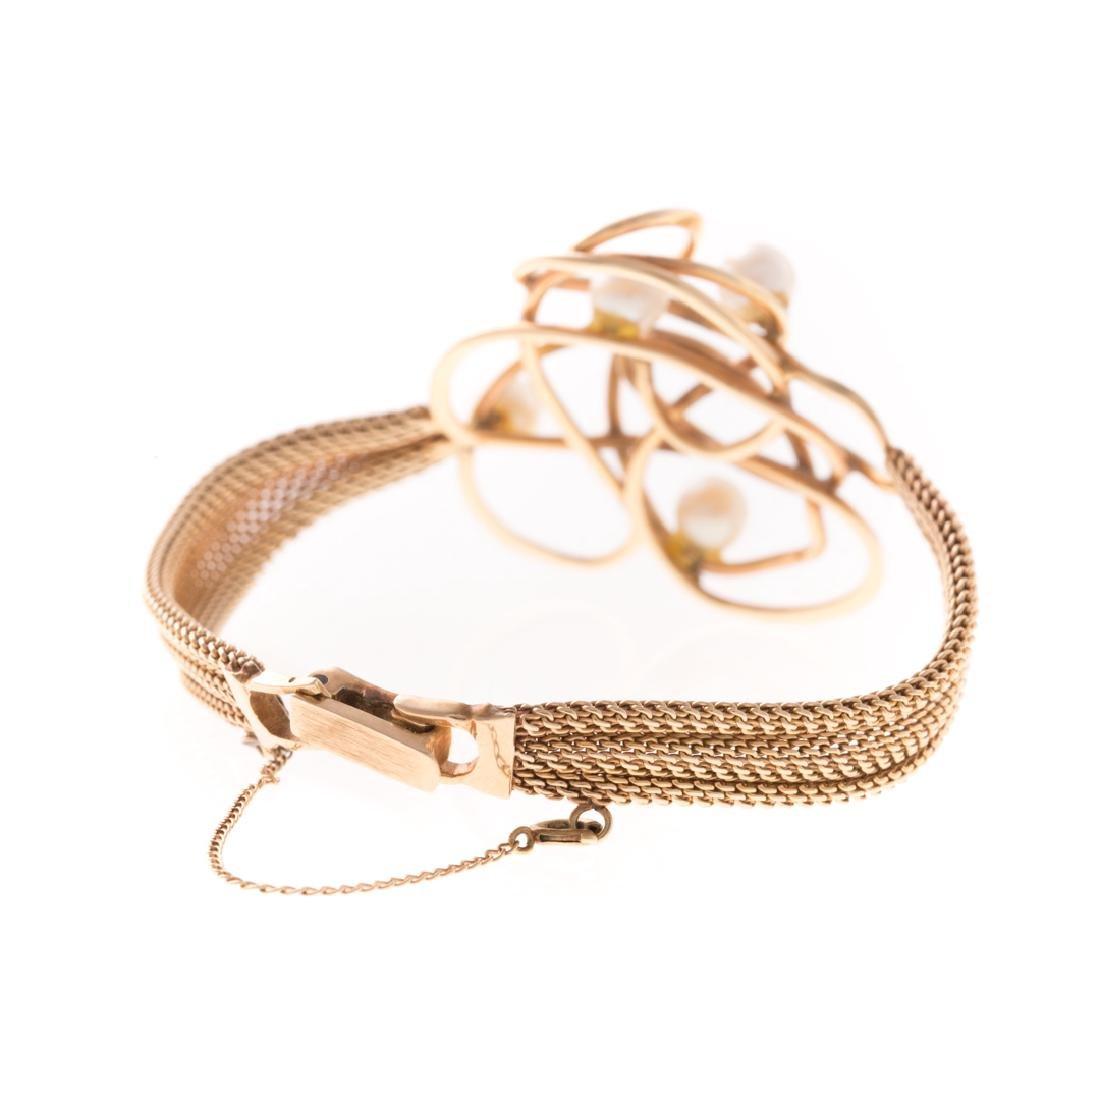 A Whimsical 14K & Pearl Bracelet - 2